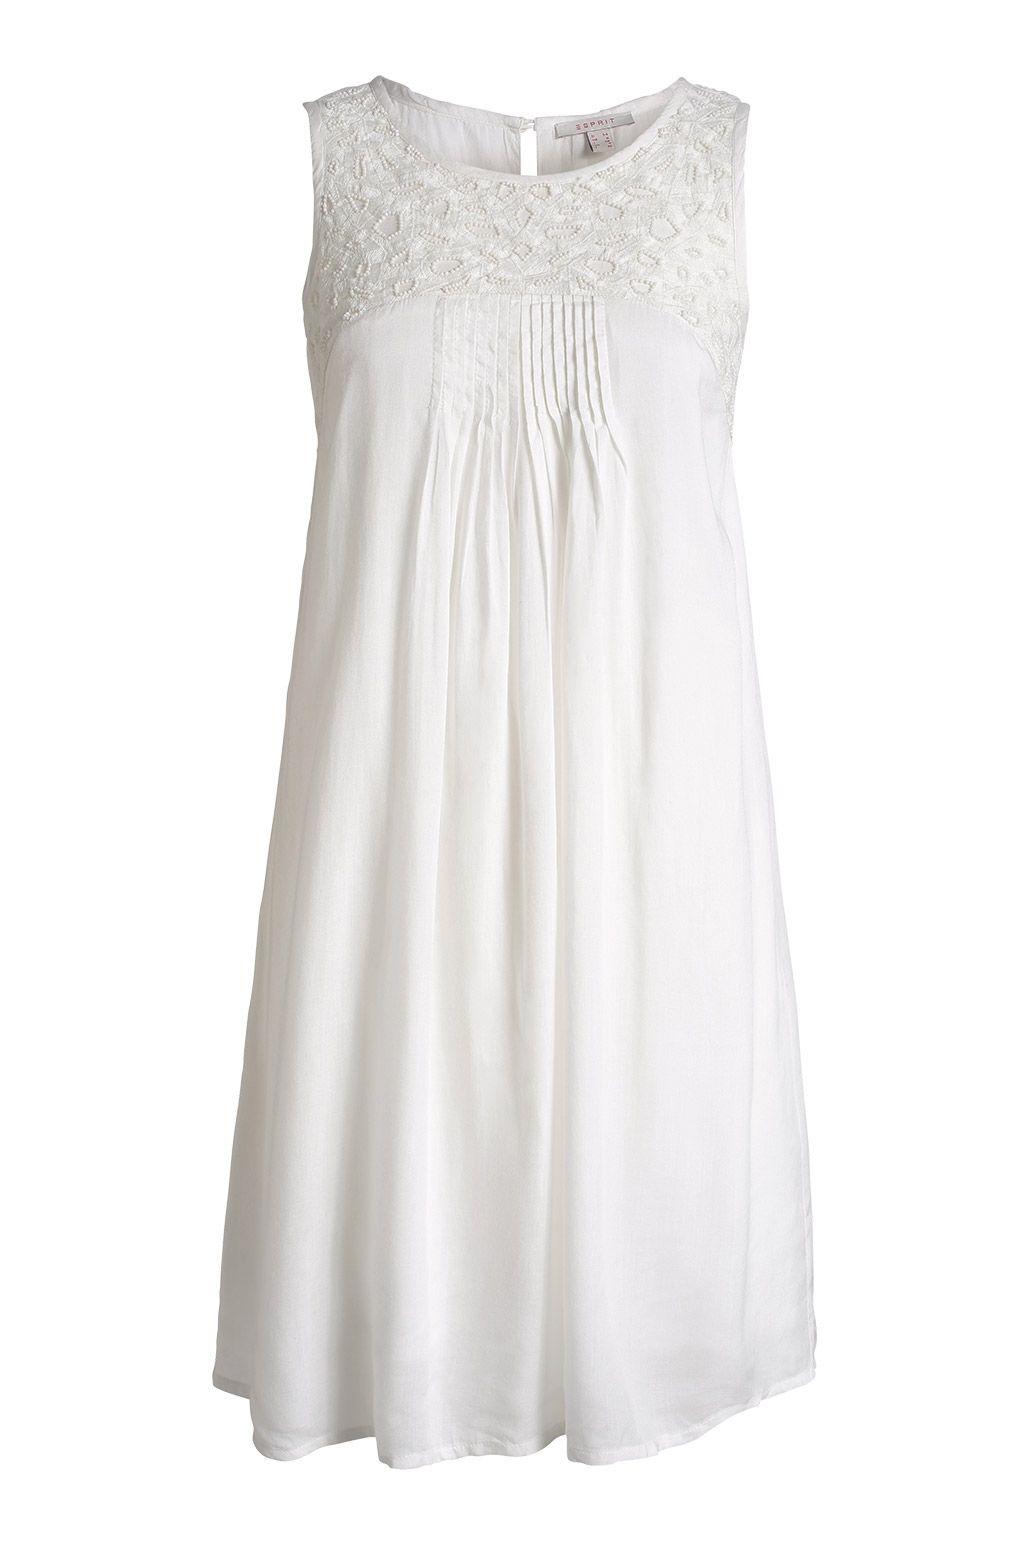 dress online kopen